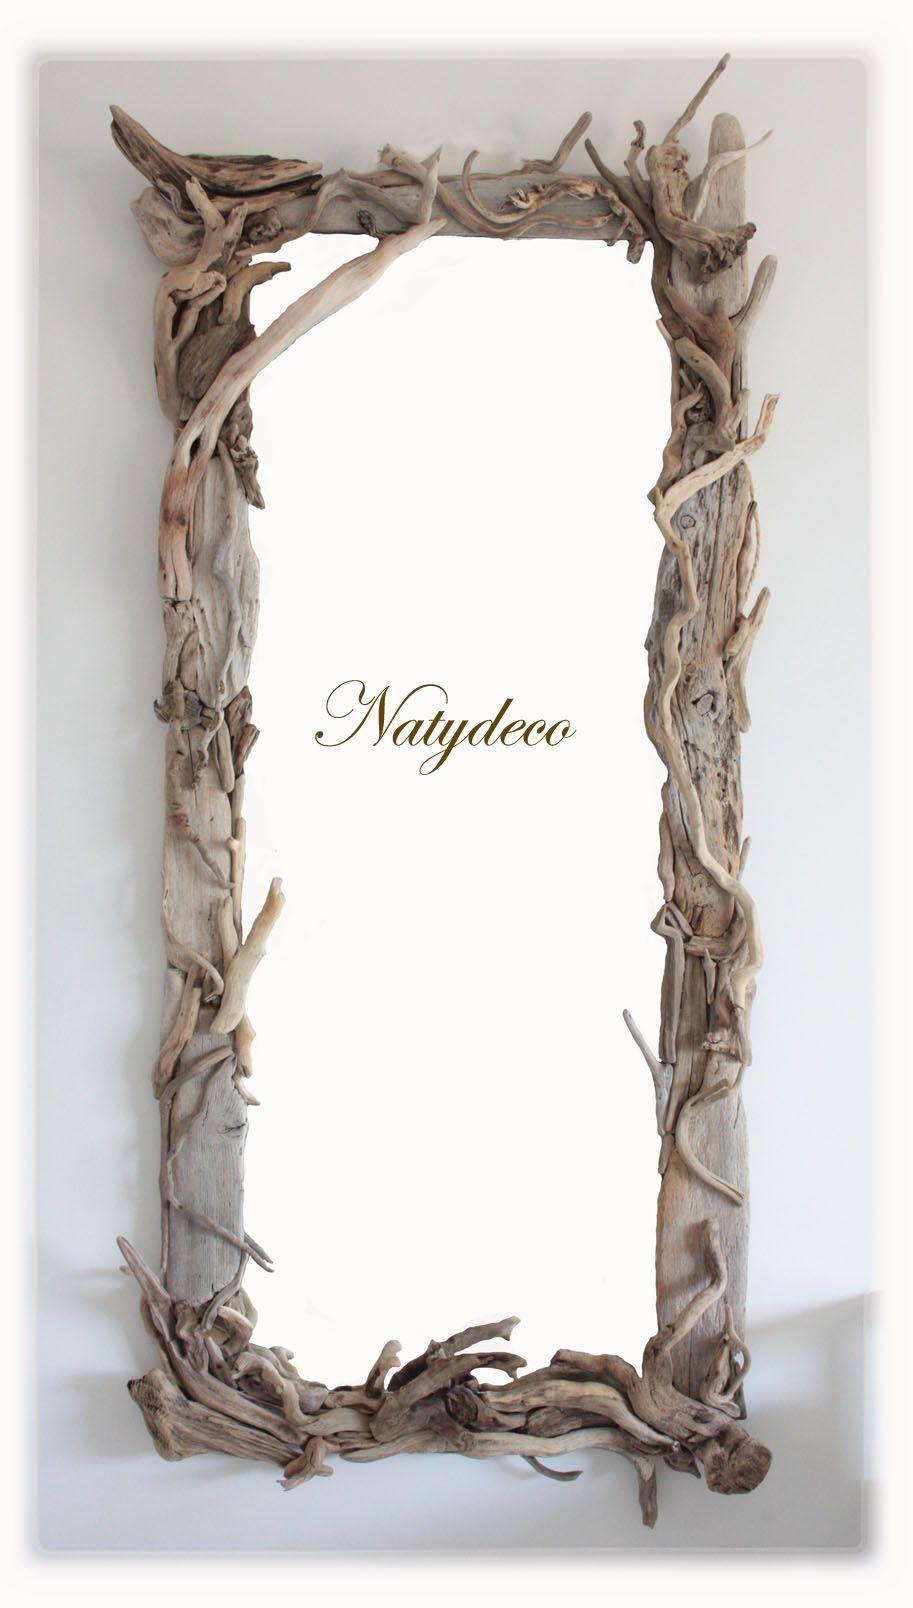 Miroir En Bois Flotté NATYDECO Http://www.natydecocorse.com | Décoration En  Bois Flotté | Pinterest | Treibholz, Schwemmholz Und Deko Aus Holz